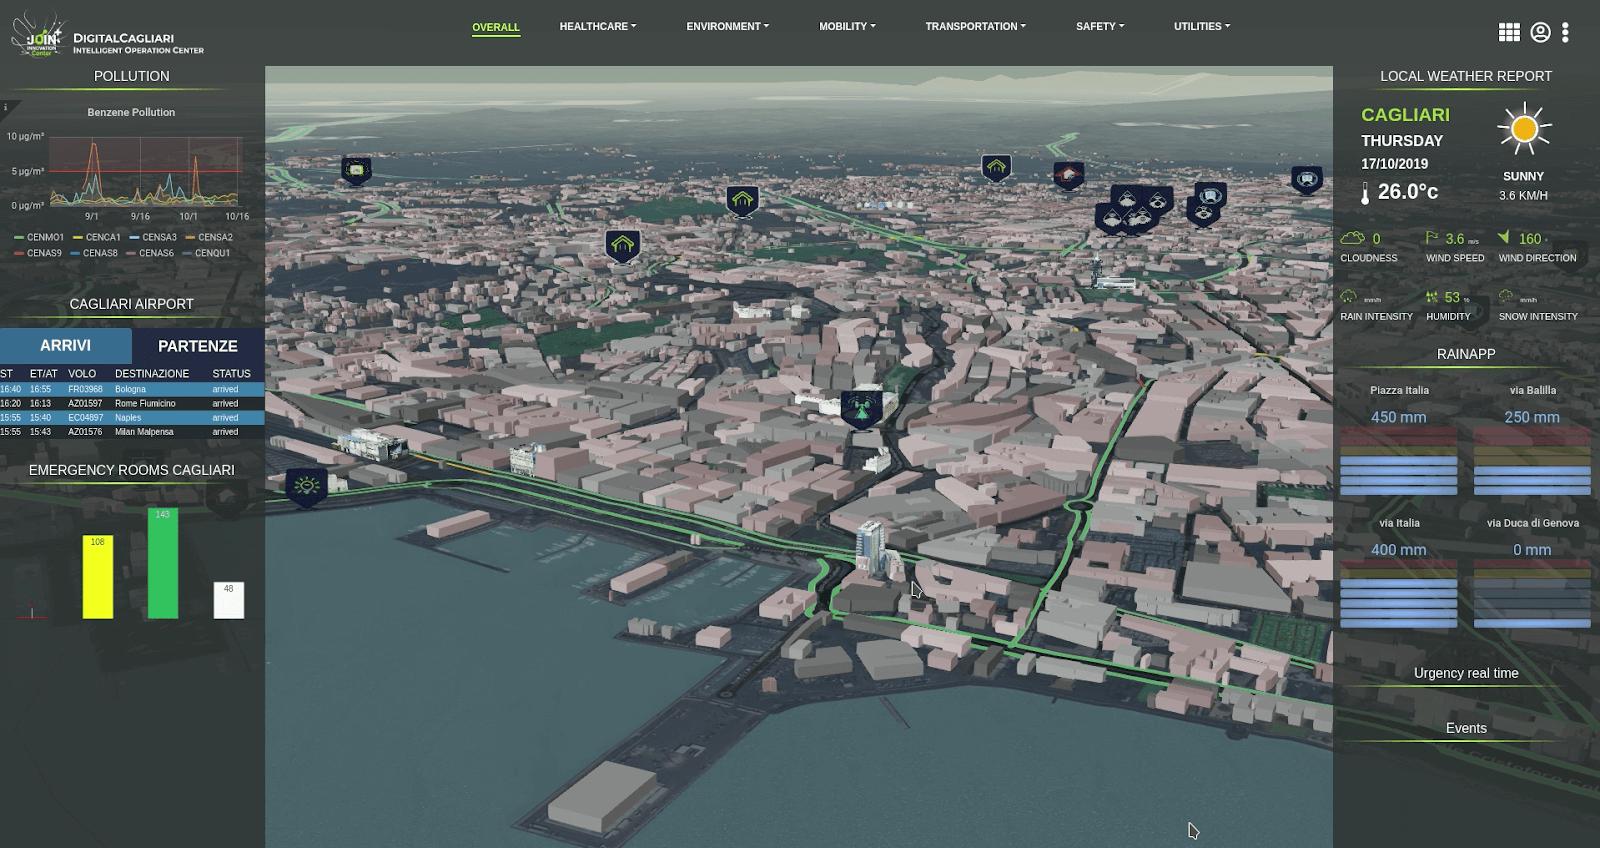 Il modello della città in 3D con i vari sensori